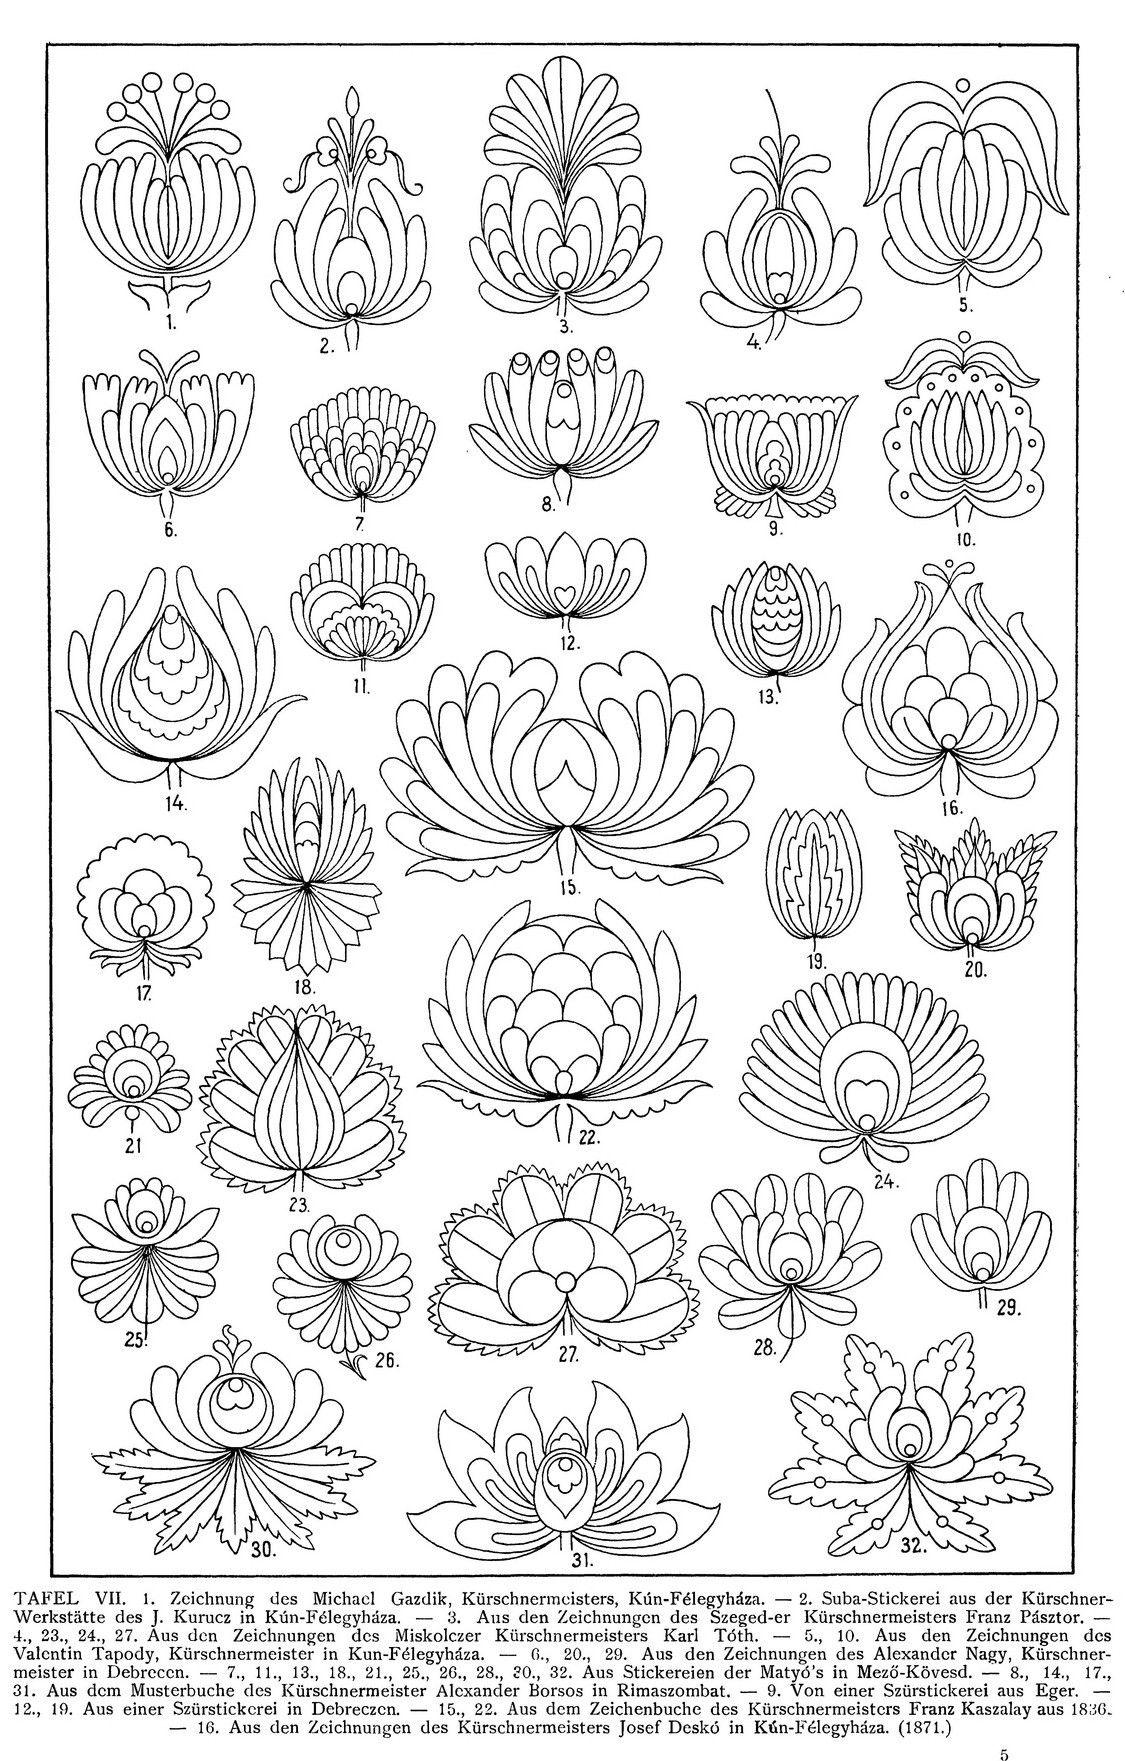 Magyarische Ornamentik, publisher Karl W. Hiersemann, 1900, Leipzig ...